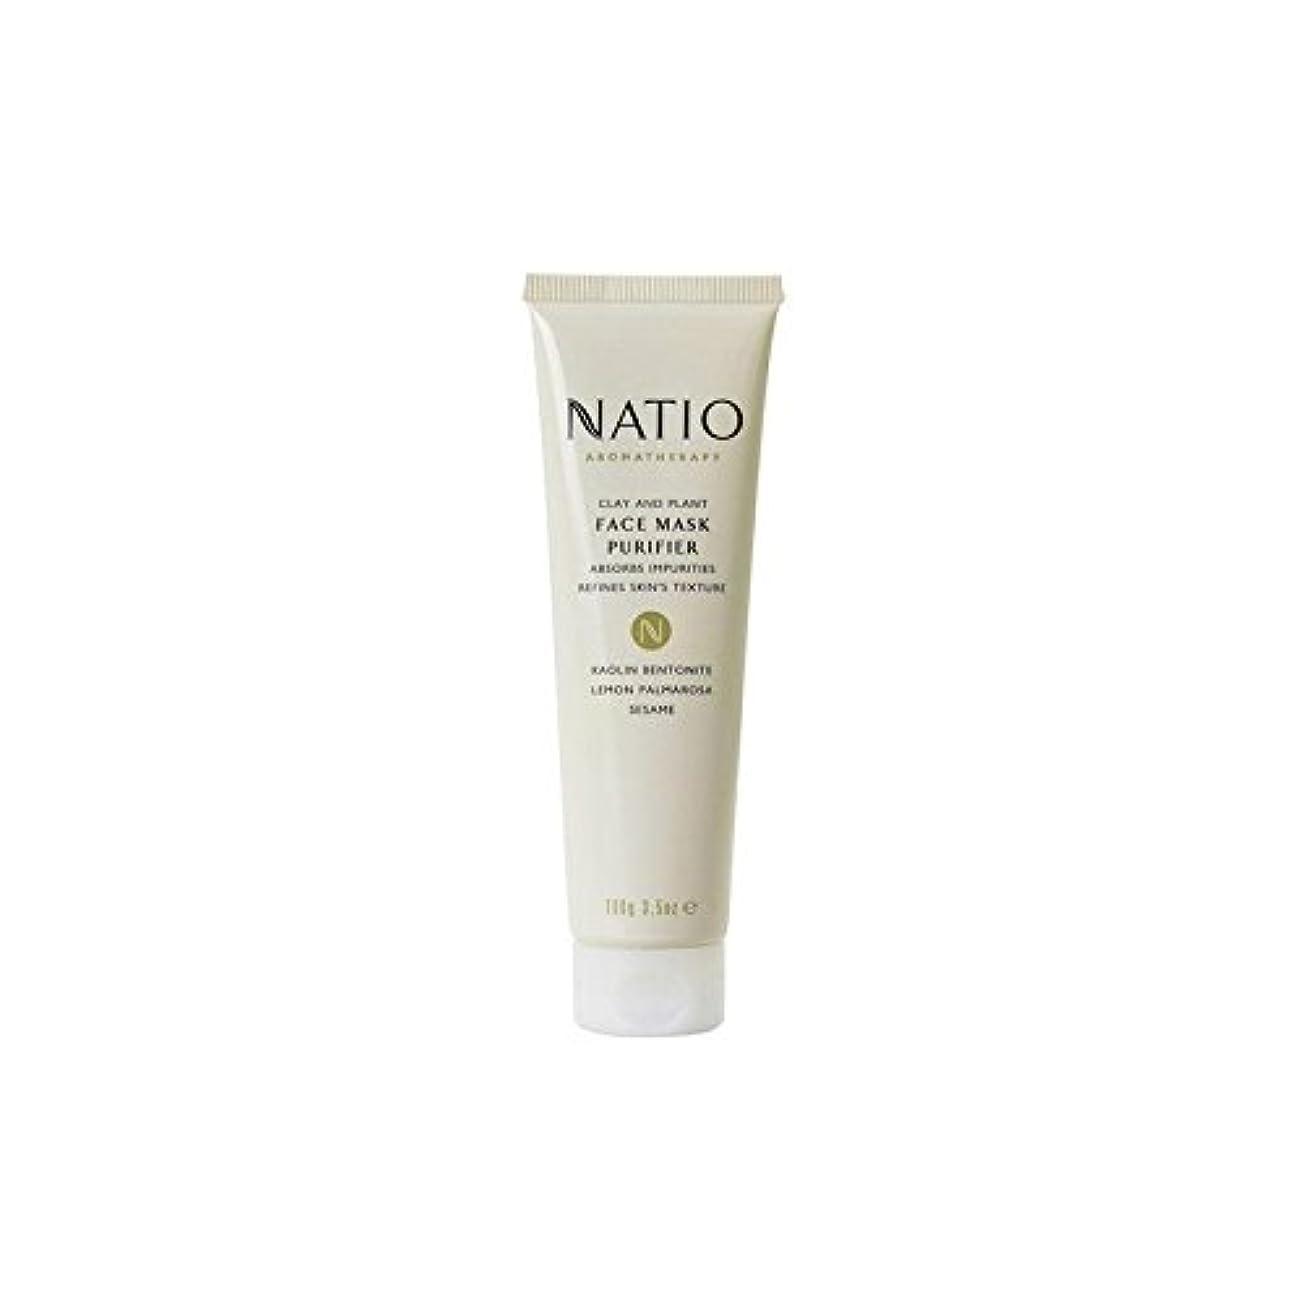 徴収上がる繰り返したNatio Clay & Plant Face Mask Purifier (100G) - 粘土&植物フェイスマスクの浄化(100グラム) [並行輸入品]